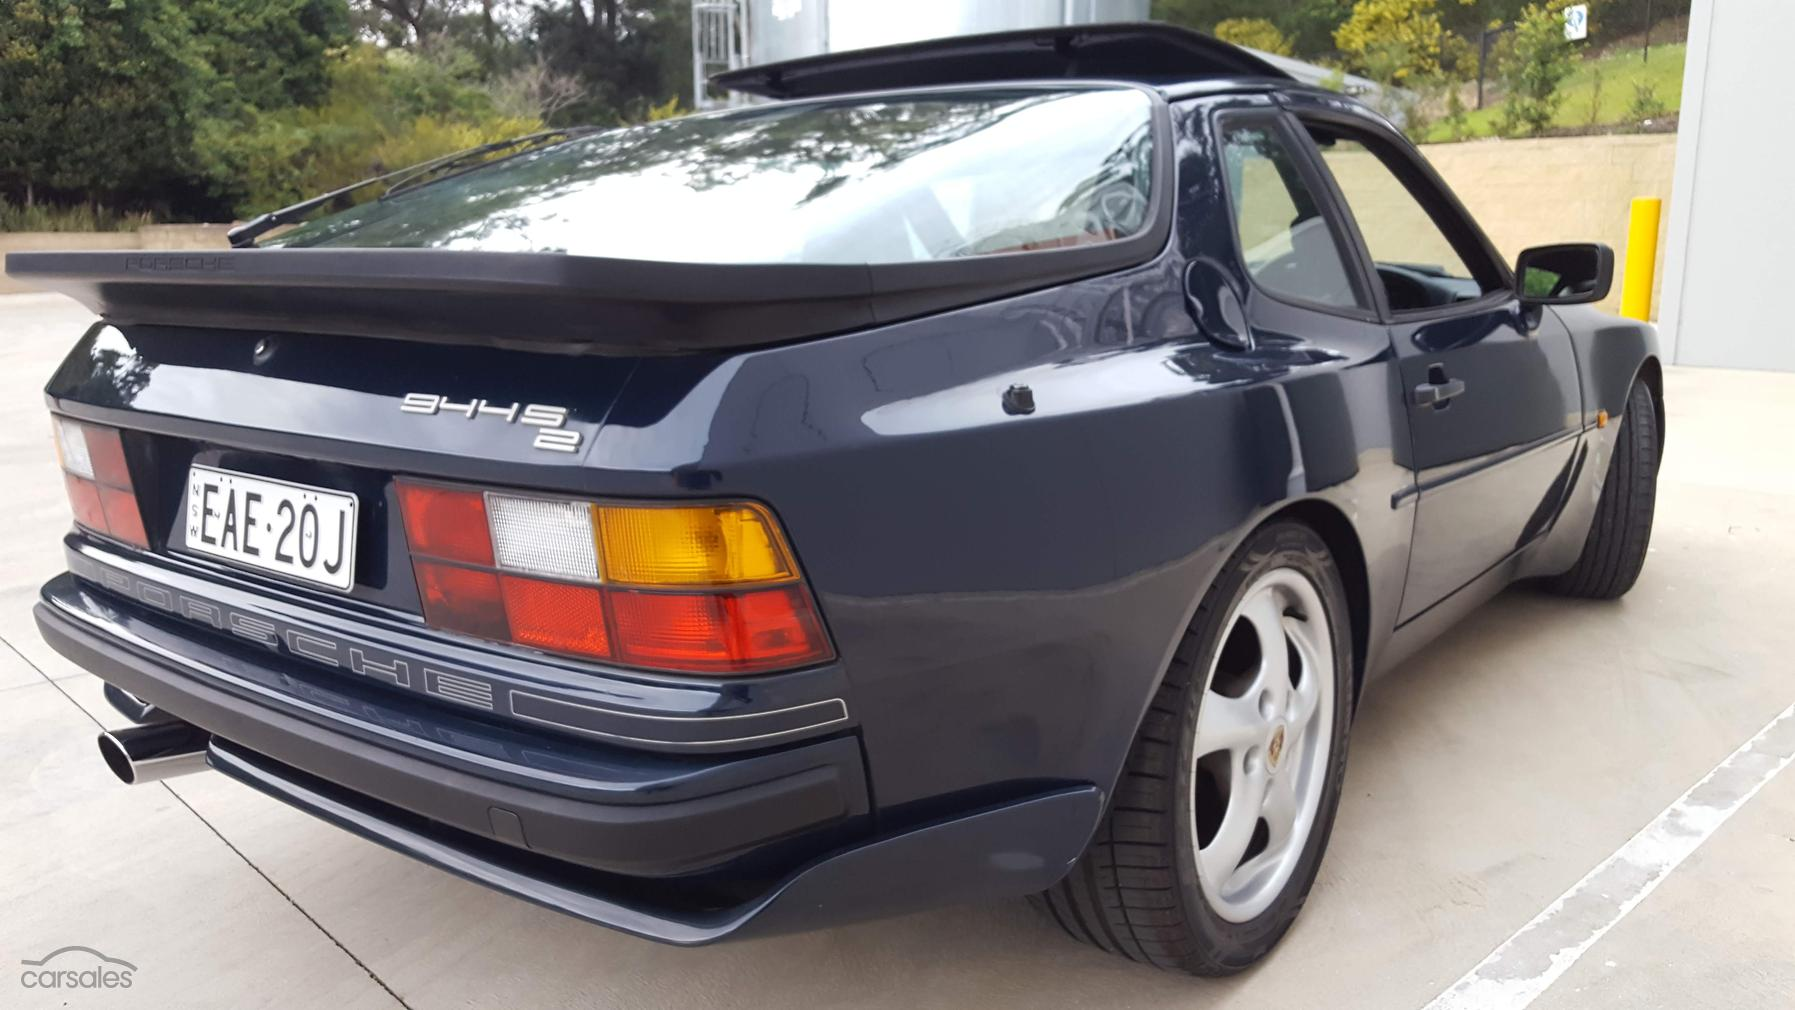 1990 Porsche 944 S2 Manual-SSE-AD-5901484 - carsales com au